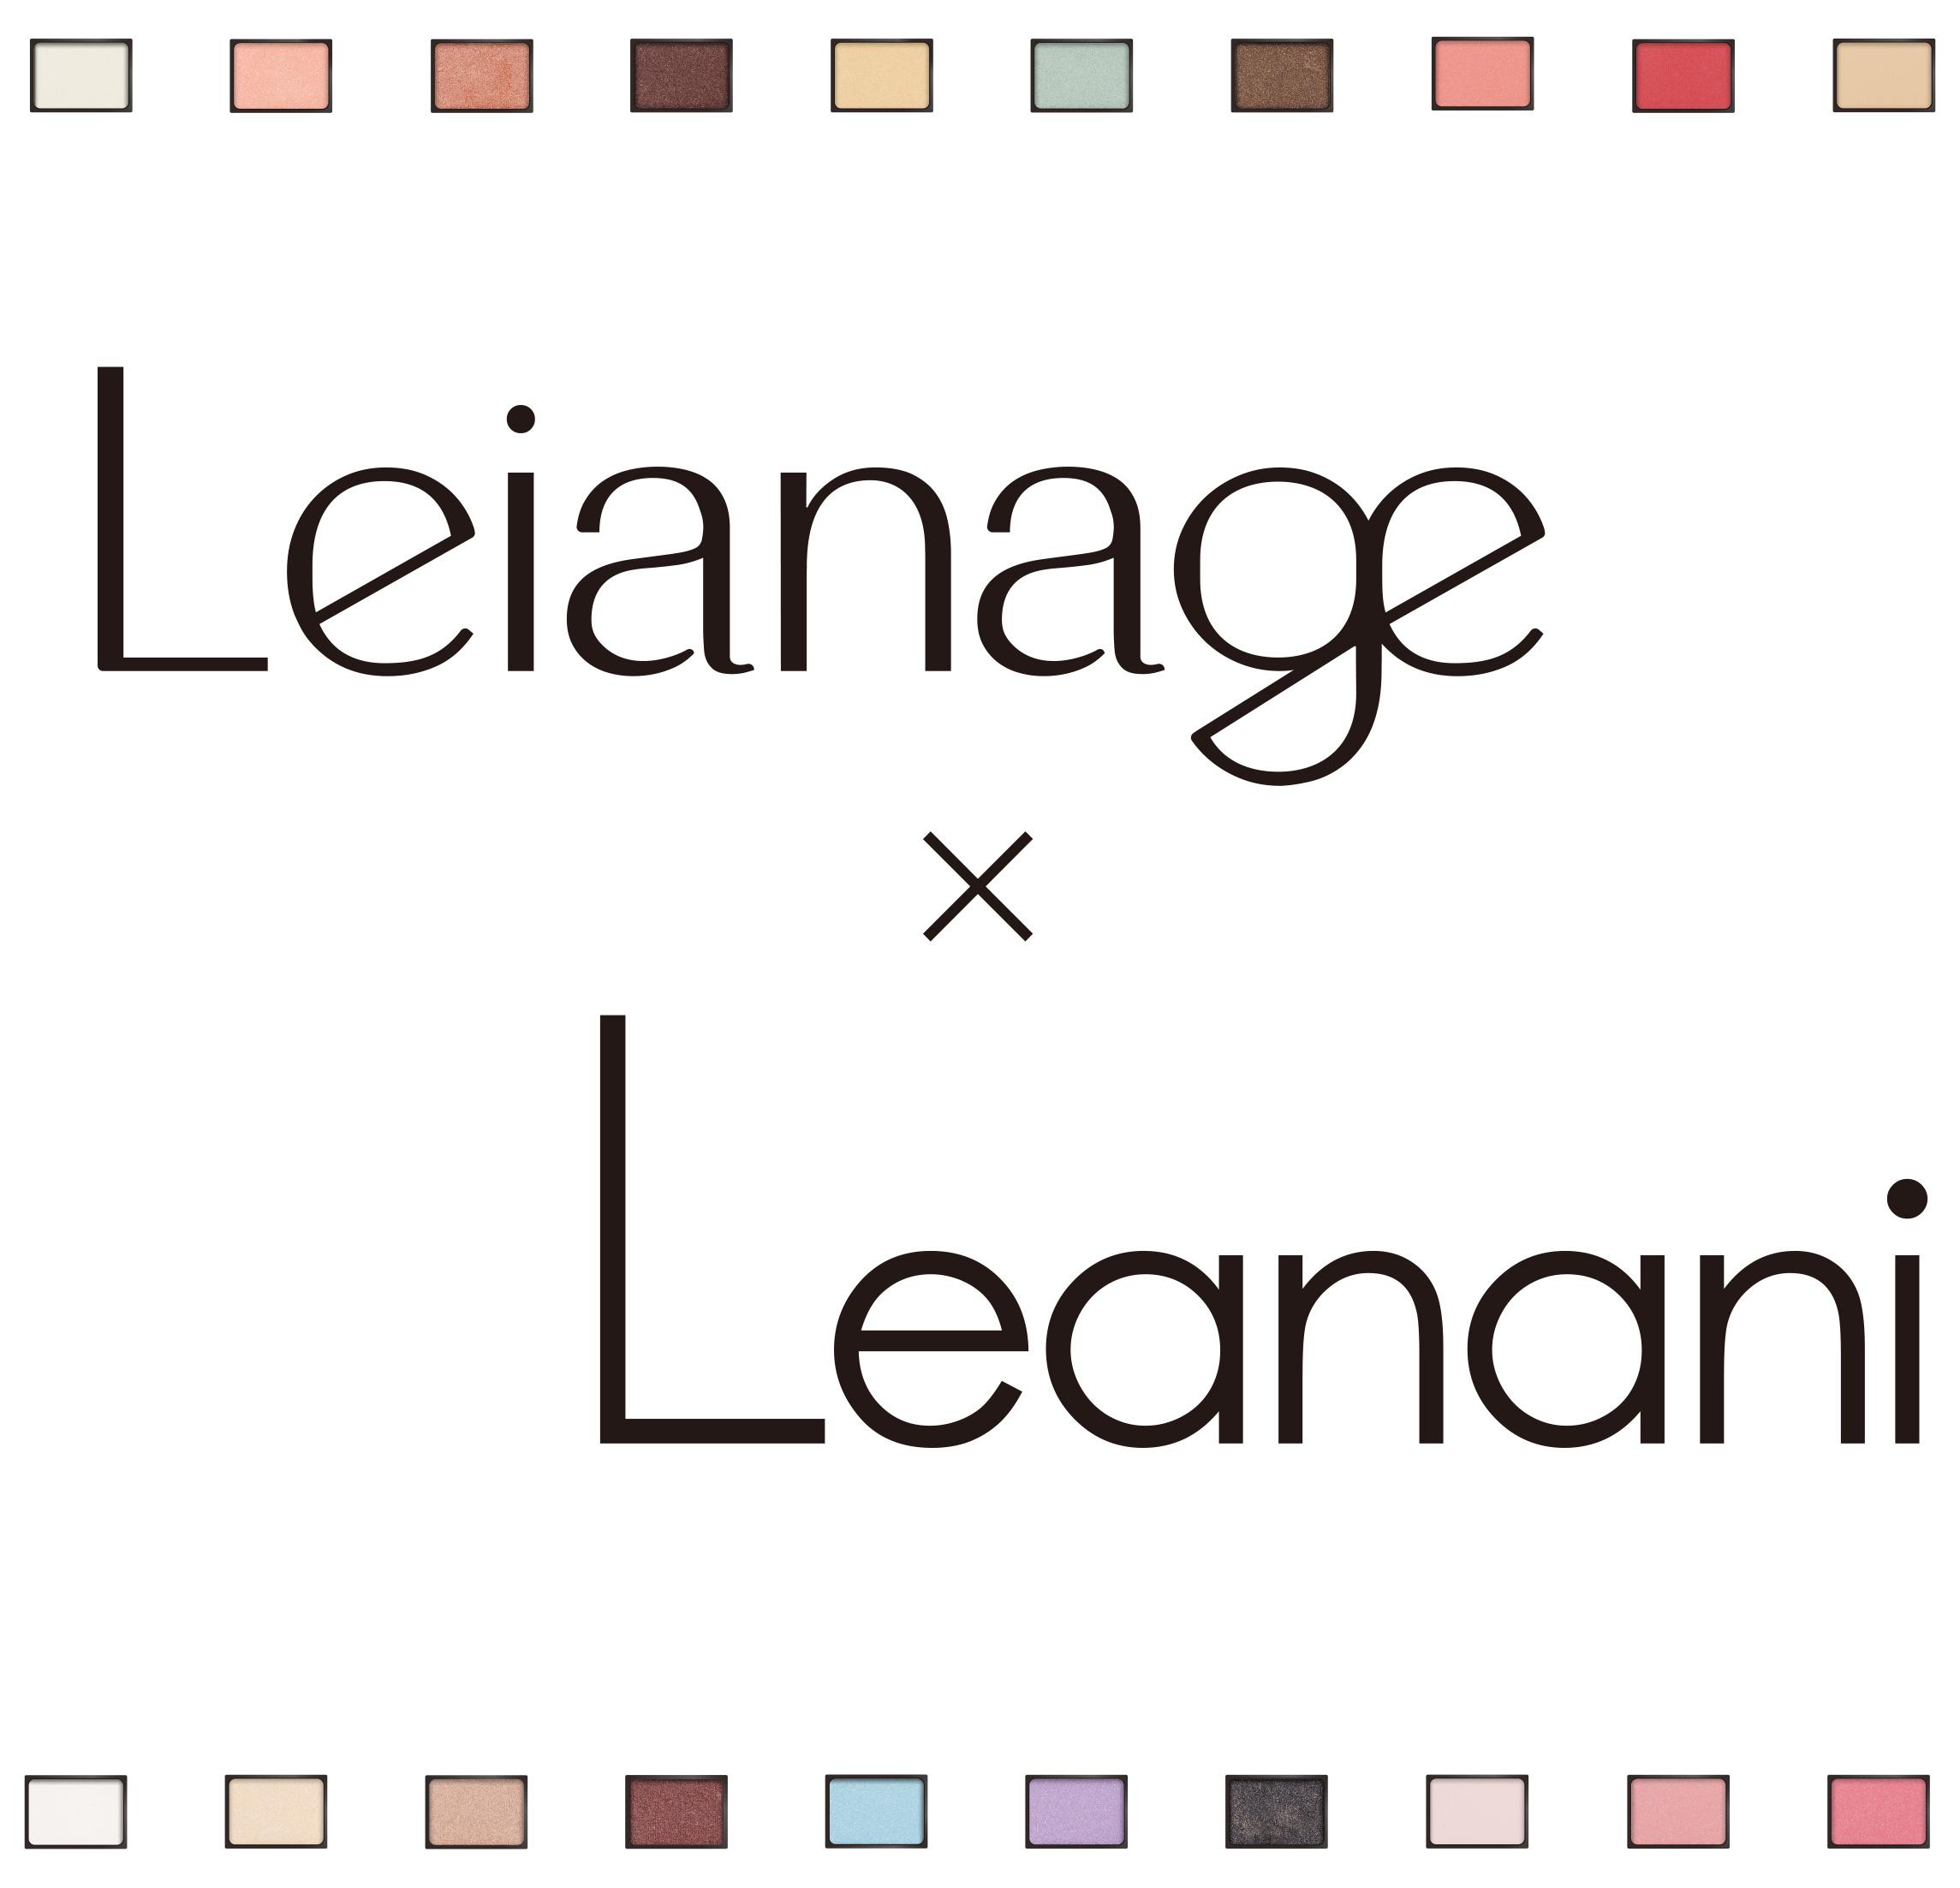 メイクしながらエステする⭐︎ Leianage (レイアネージュ)